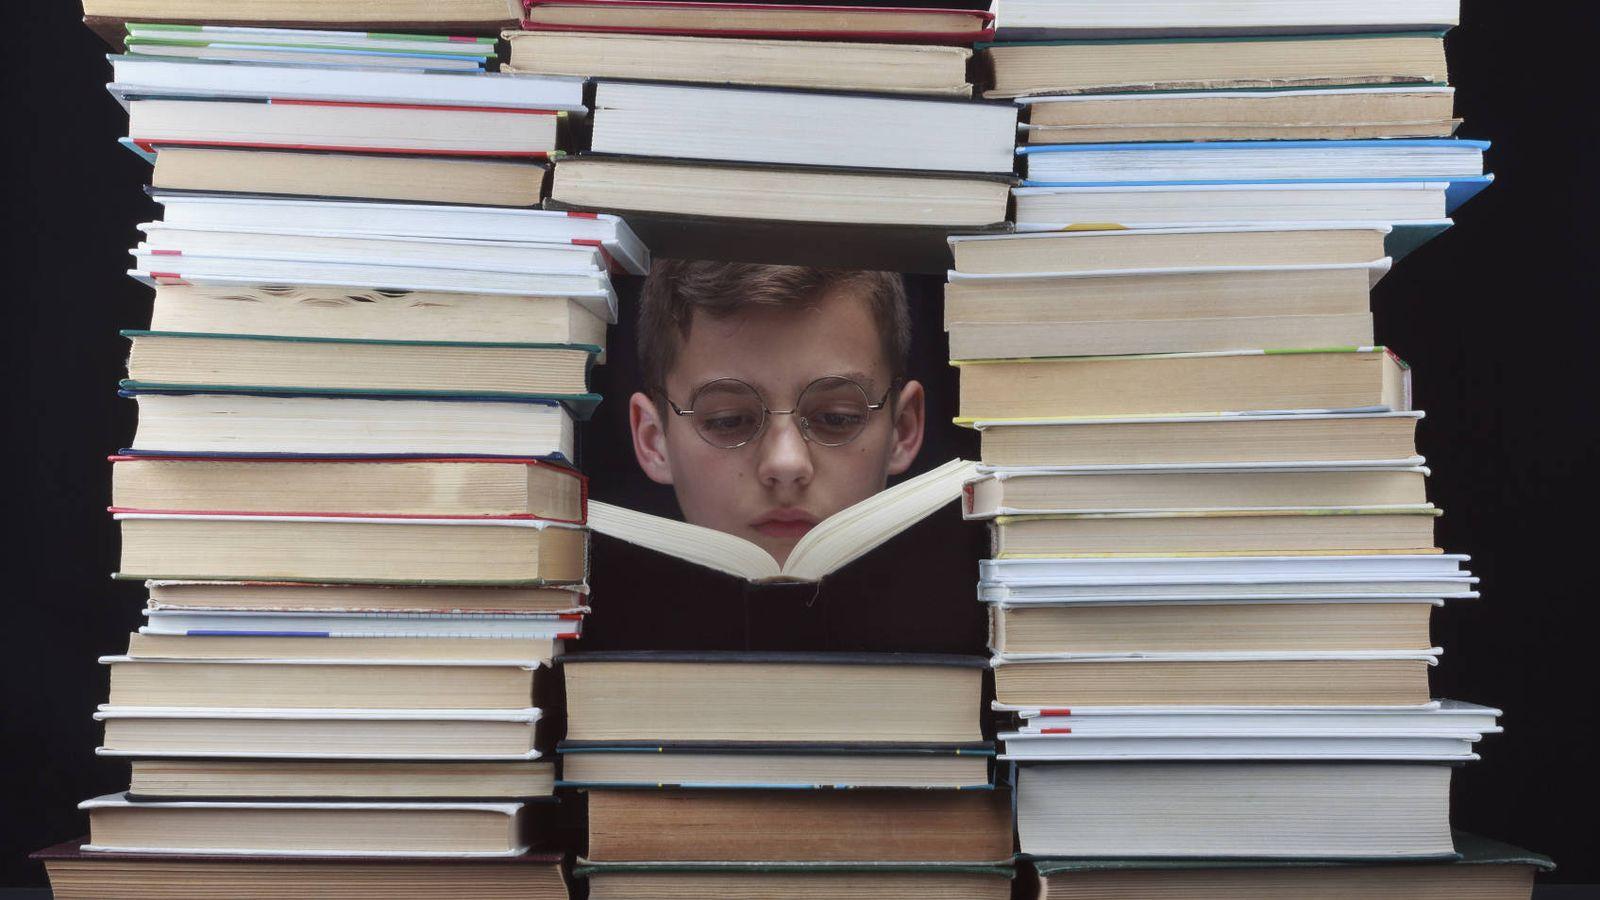 Educación: 10 consejos para fomentar la lectura de los más